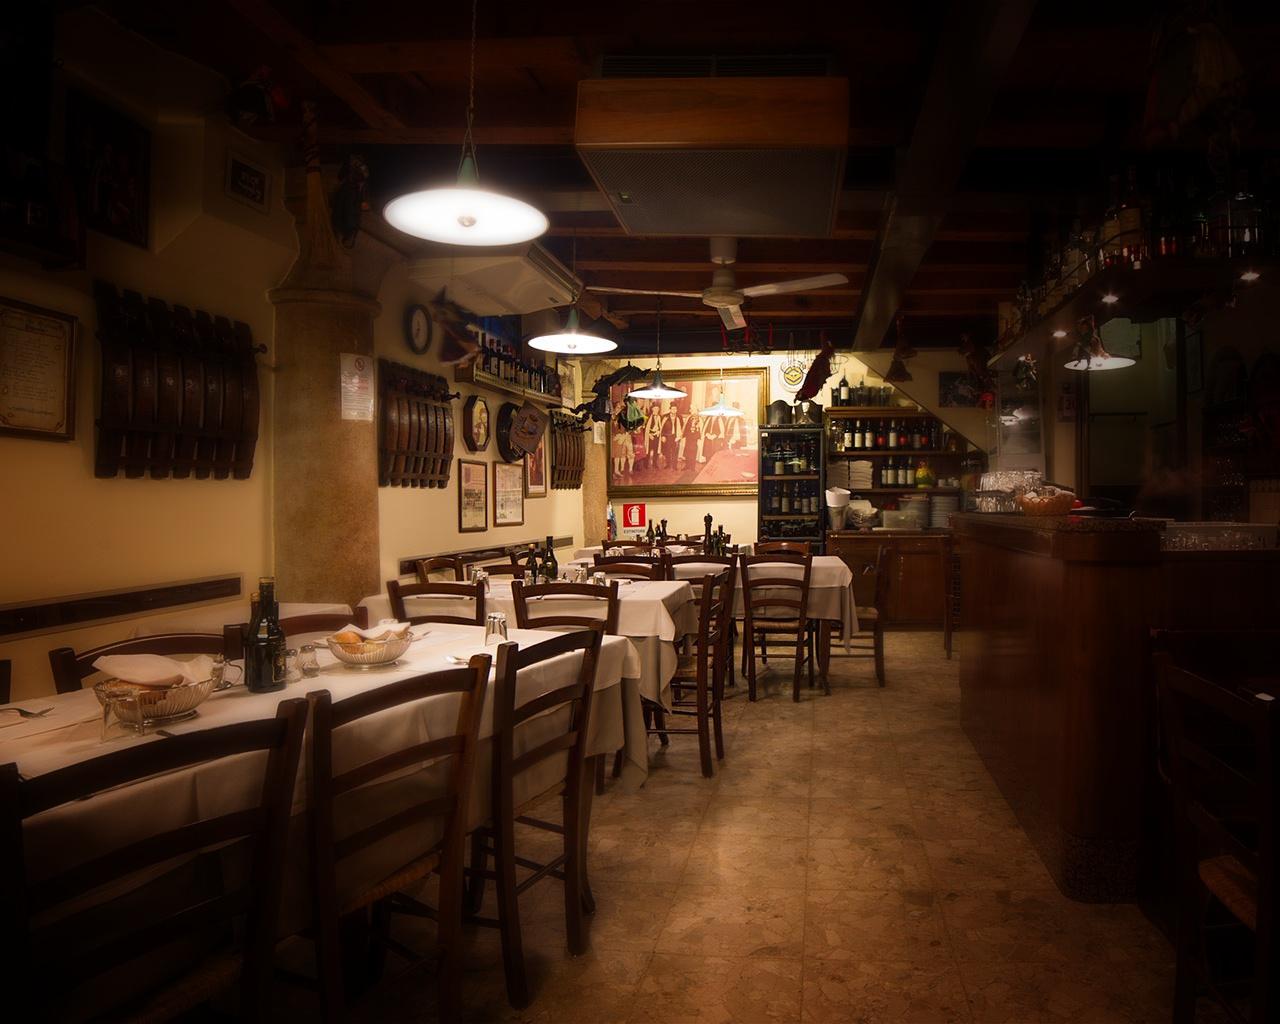 Osteria Al Duca: cucina tipica tradizionale - Verona (Veneto)